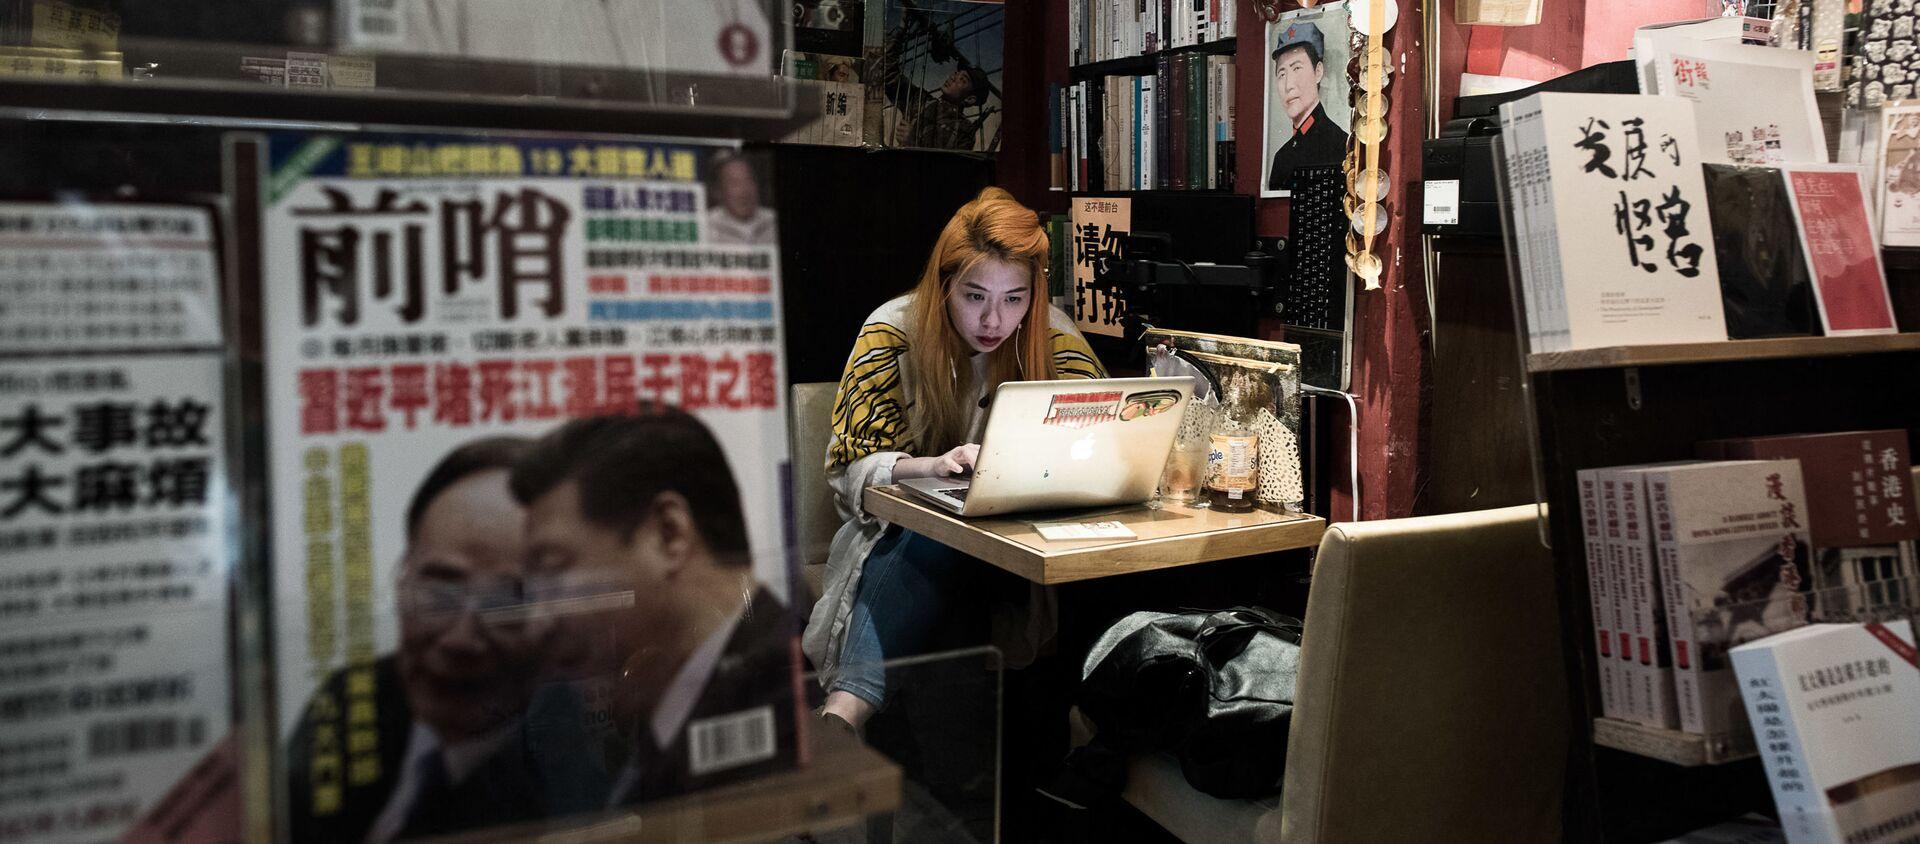 На этом снимке, сделанном 5 января 2016 года, изображен покупатель за ноутбуком в книжном магазине в районе Козуэй-Бэй в Гонконге. Исчезновение пяти гонконгских книготорговцев вызвало дрожь в Гонконге, поскольку растет беспокойство по поводу ужесточения контроля Китая над городом. Книжные магазины убирают со своих полок политические произведения, в то время как издатели и владельцы магазинов, продающие книги, запрещенные в материковом Китае, заявляют, что теперь они чувствуют себя под угрозой. - Sputnik Абхазия, 1920, 22.07.2021